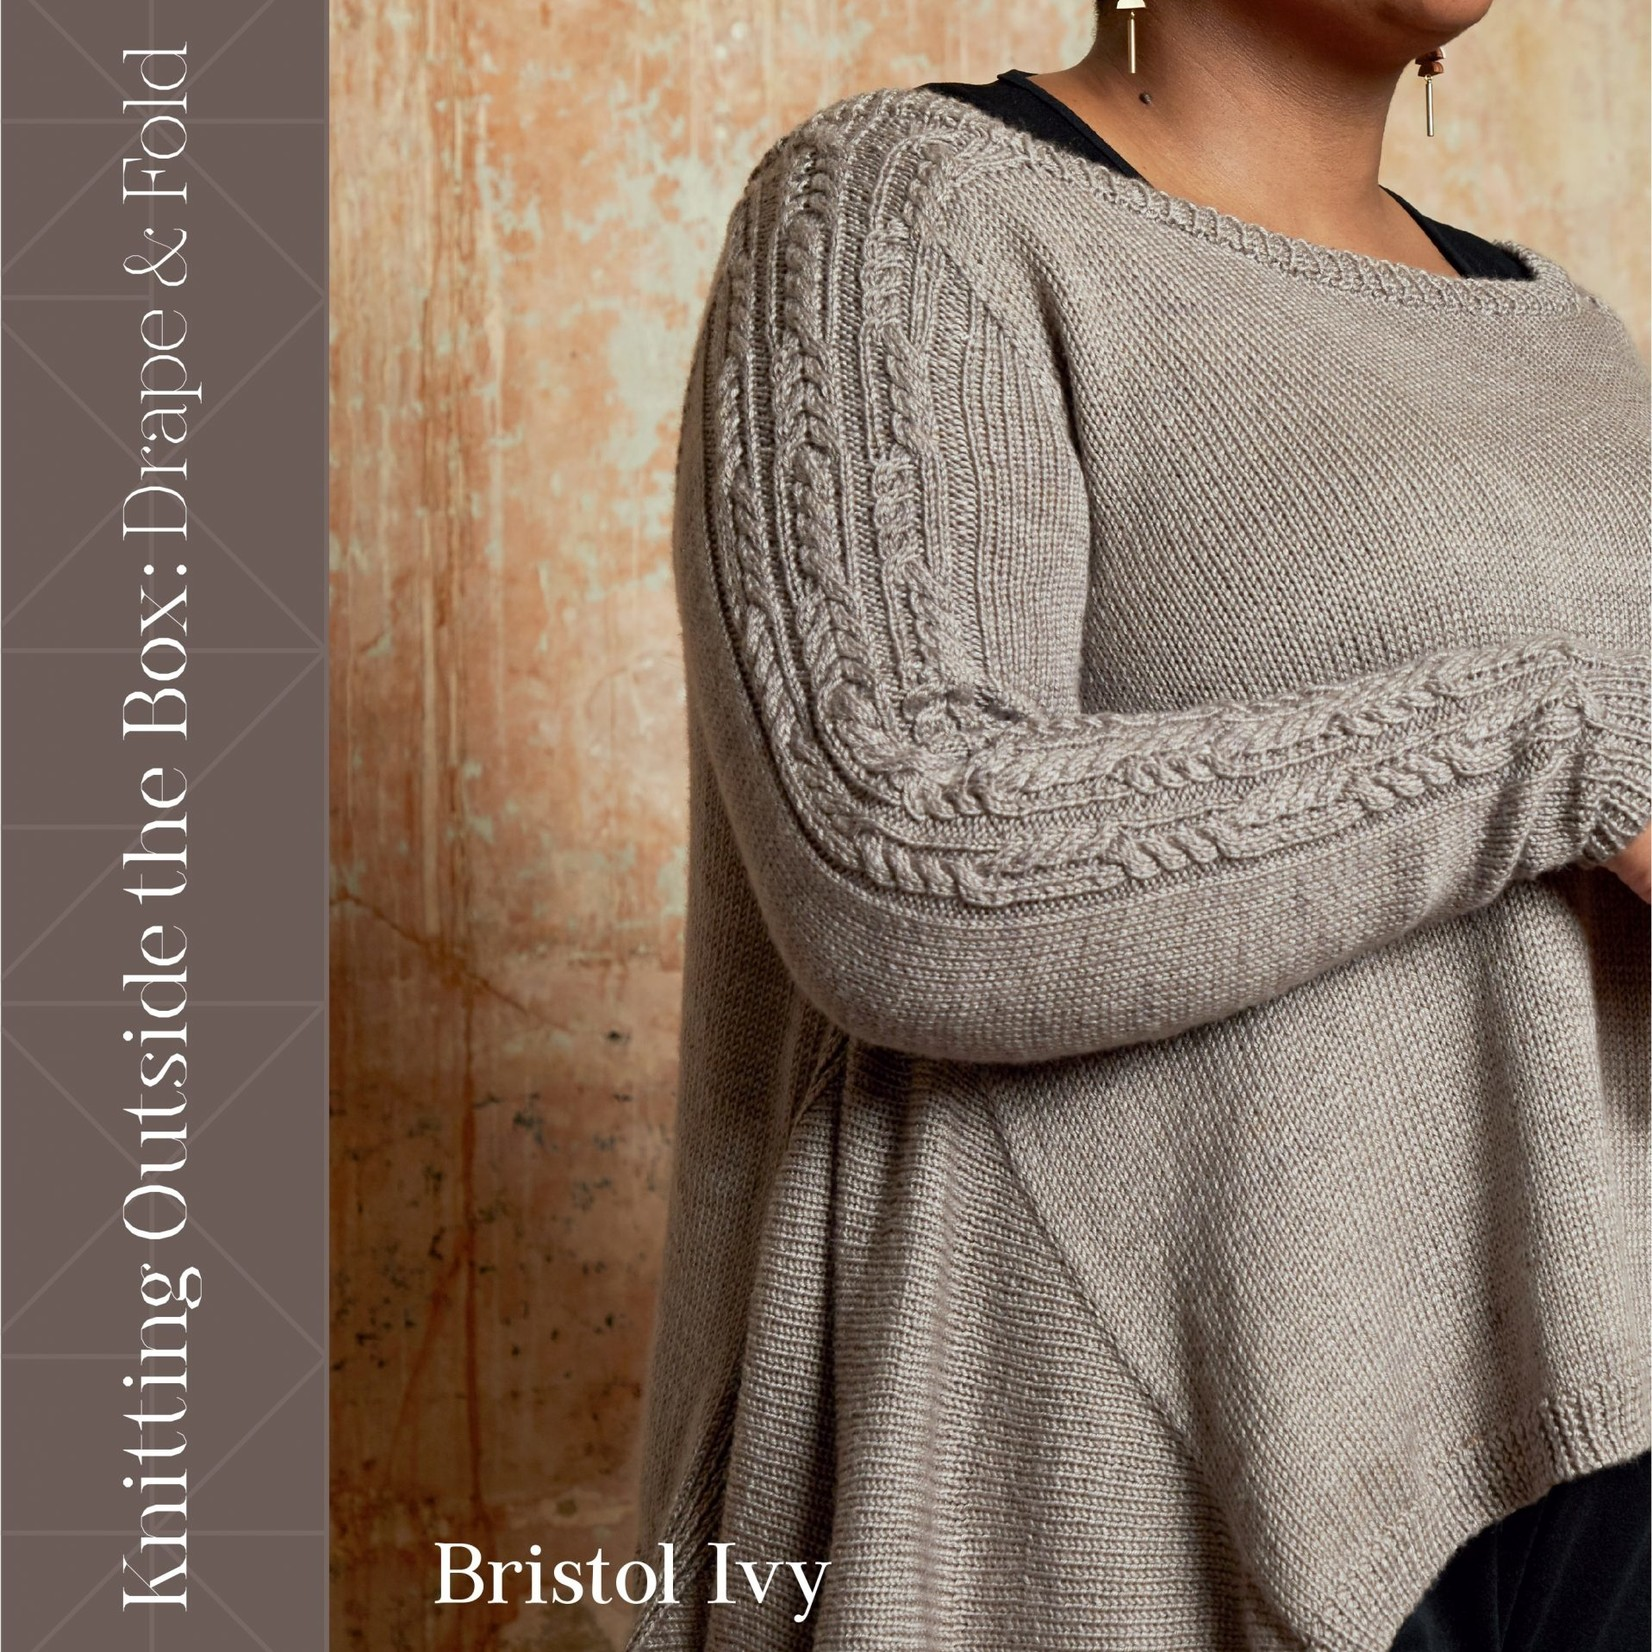 Bristol Ivy - Knitting Outside the Box: Drape and Fold